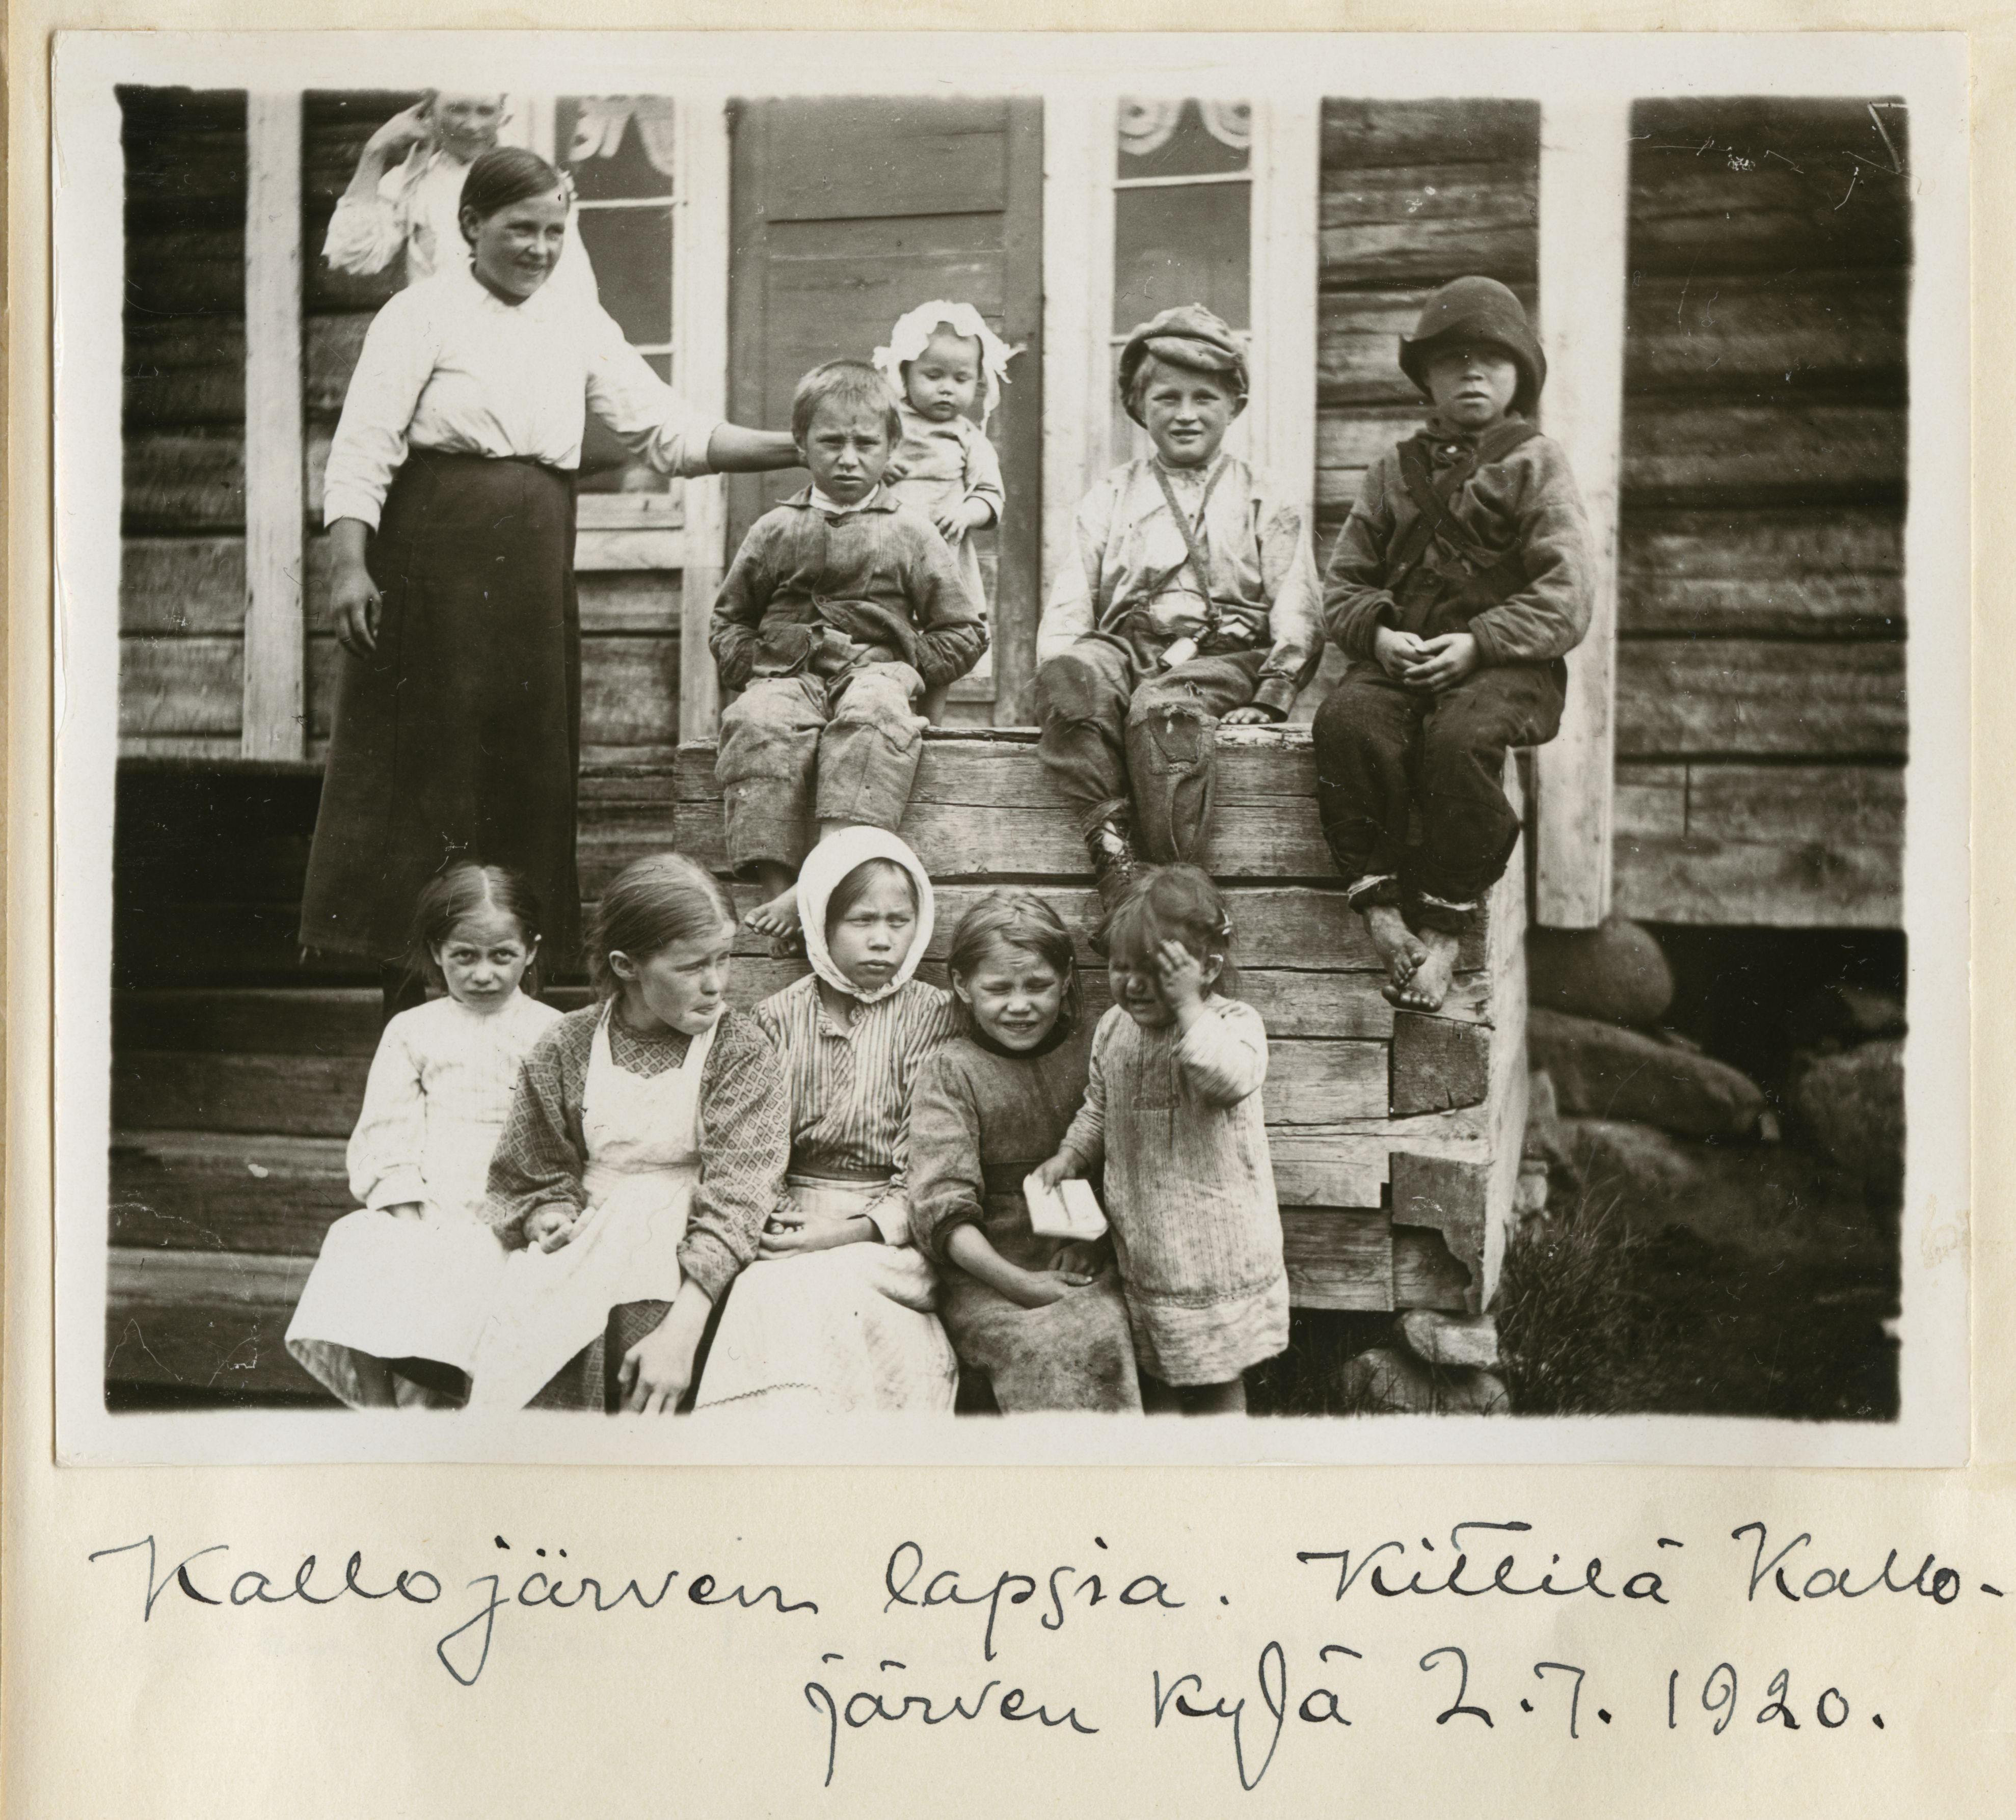 Kallojärven lapsia. Kittilä, Kallojärven kylä. 2.7.1920. Kuva: Samuli Paulaharju. SKS KRA.